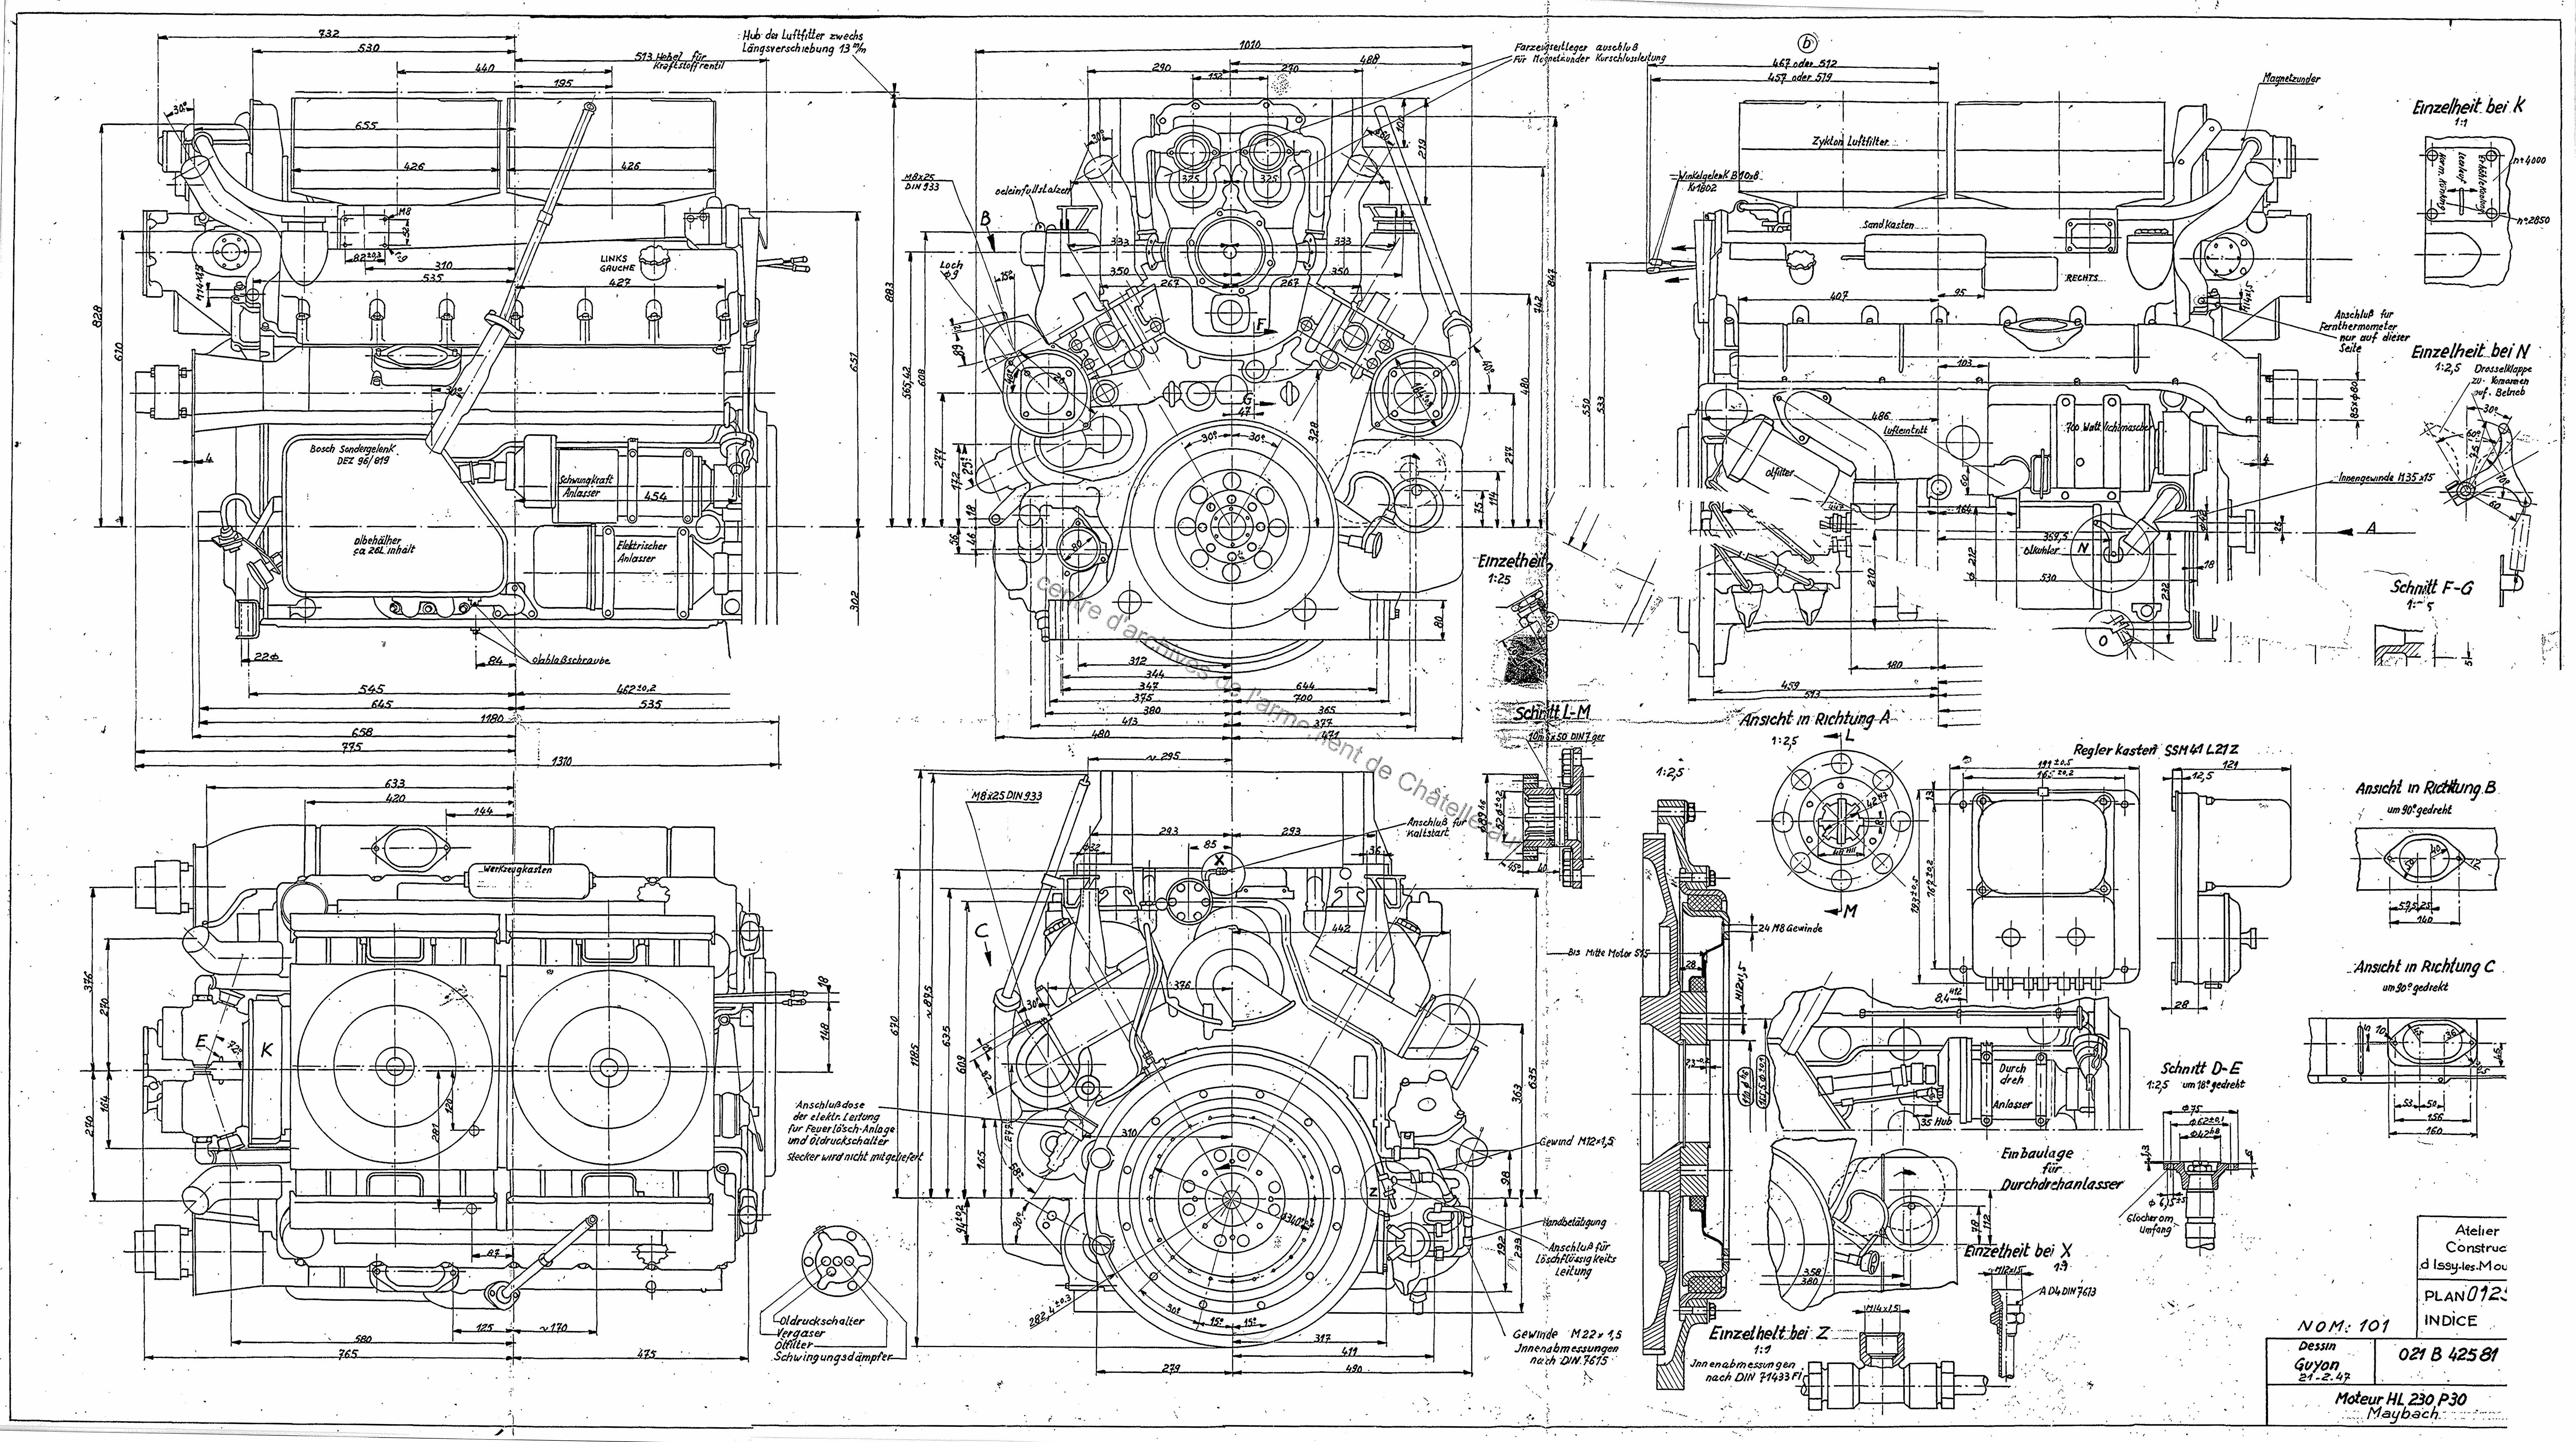 Iphone 5 Schematic Diagrams Circuit Diagram